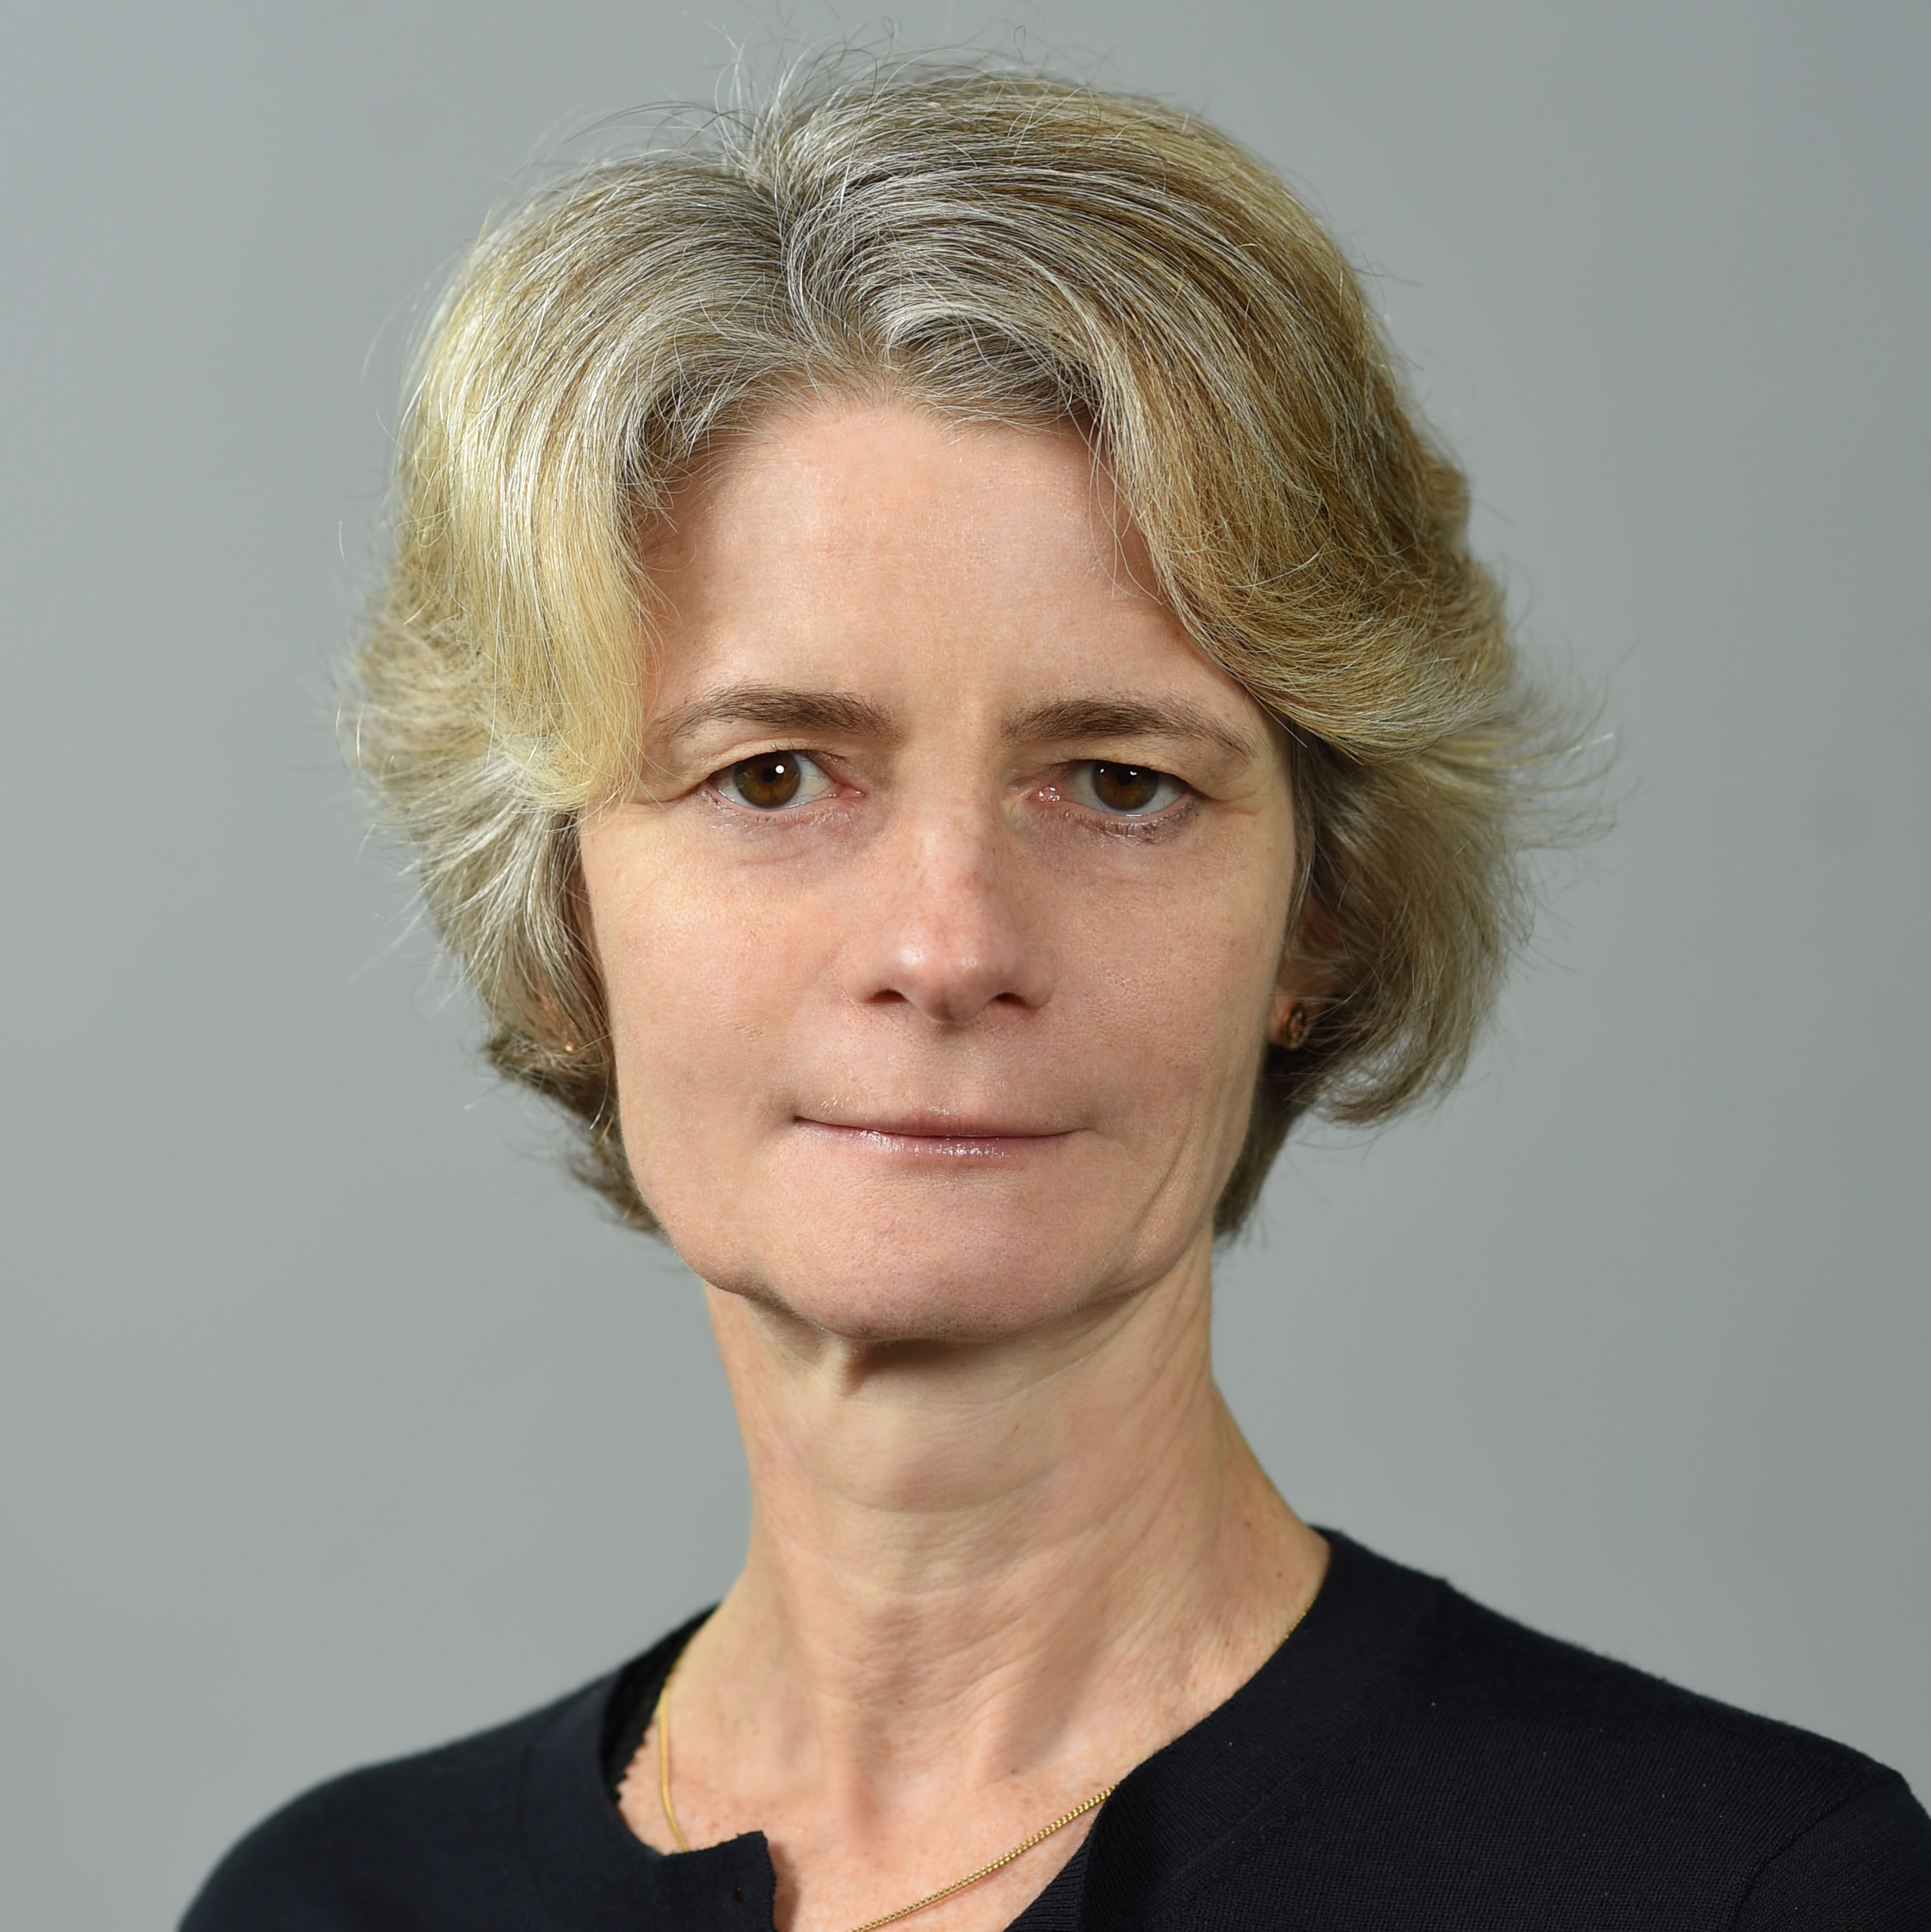 Marianne Daryabegui